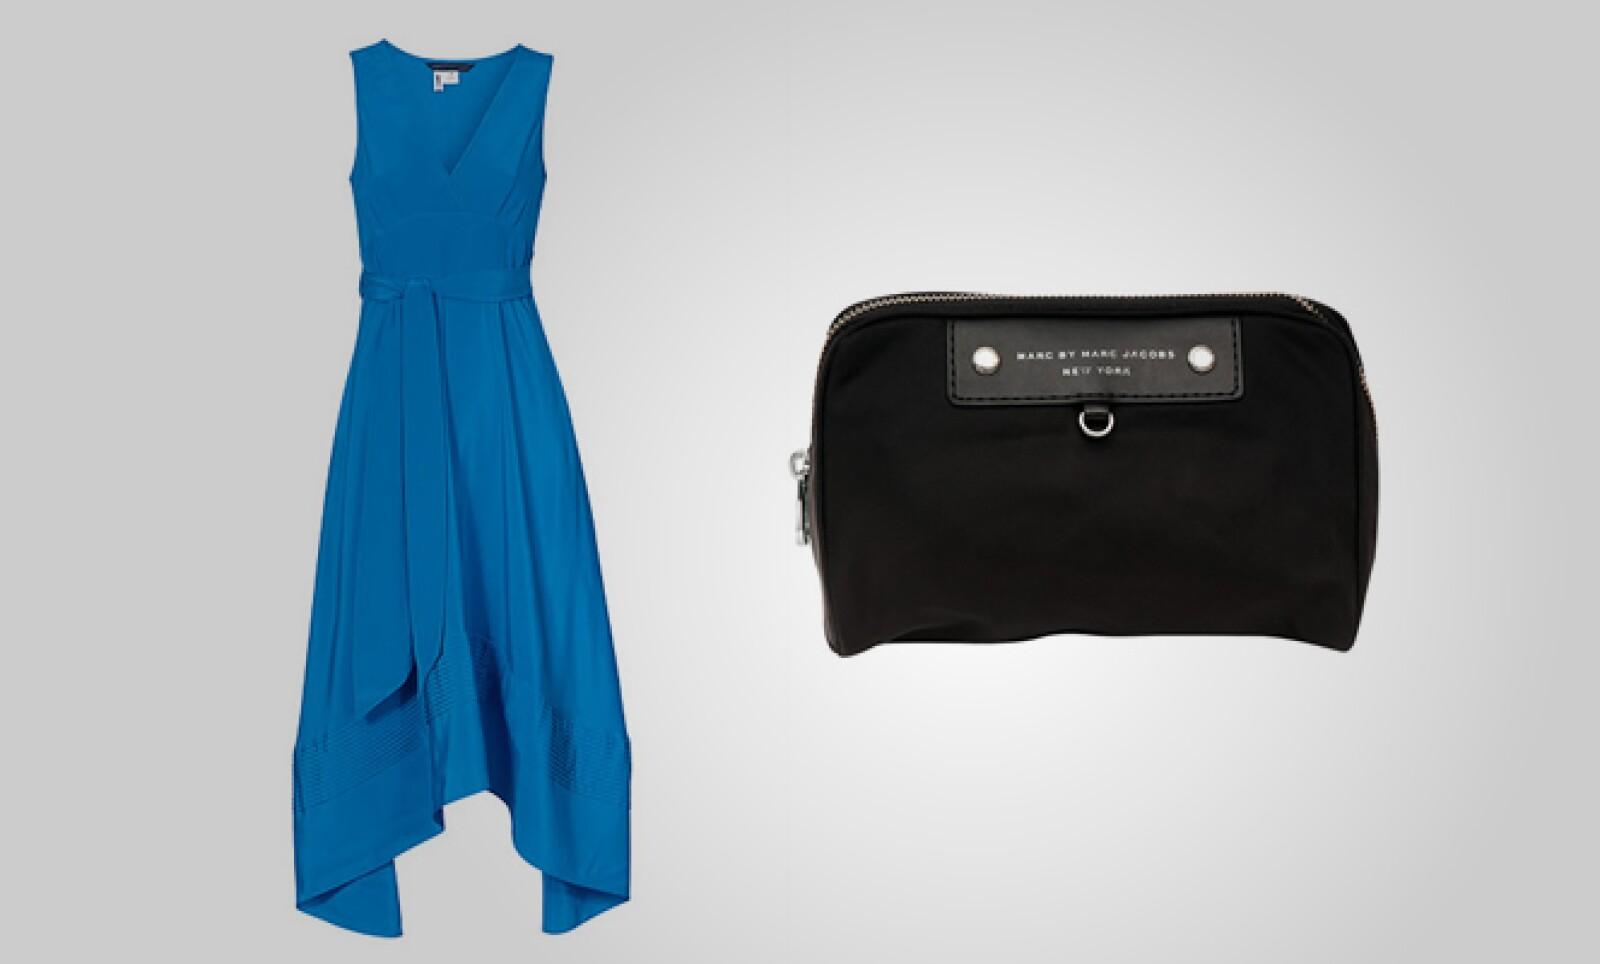 El diseñador estadounidense Marc Jacobs presentó la nueva colección para la temporada primavera/verano, con tendencia hacia los naranjas, rojos y azules.